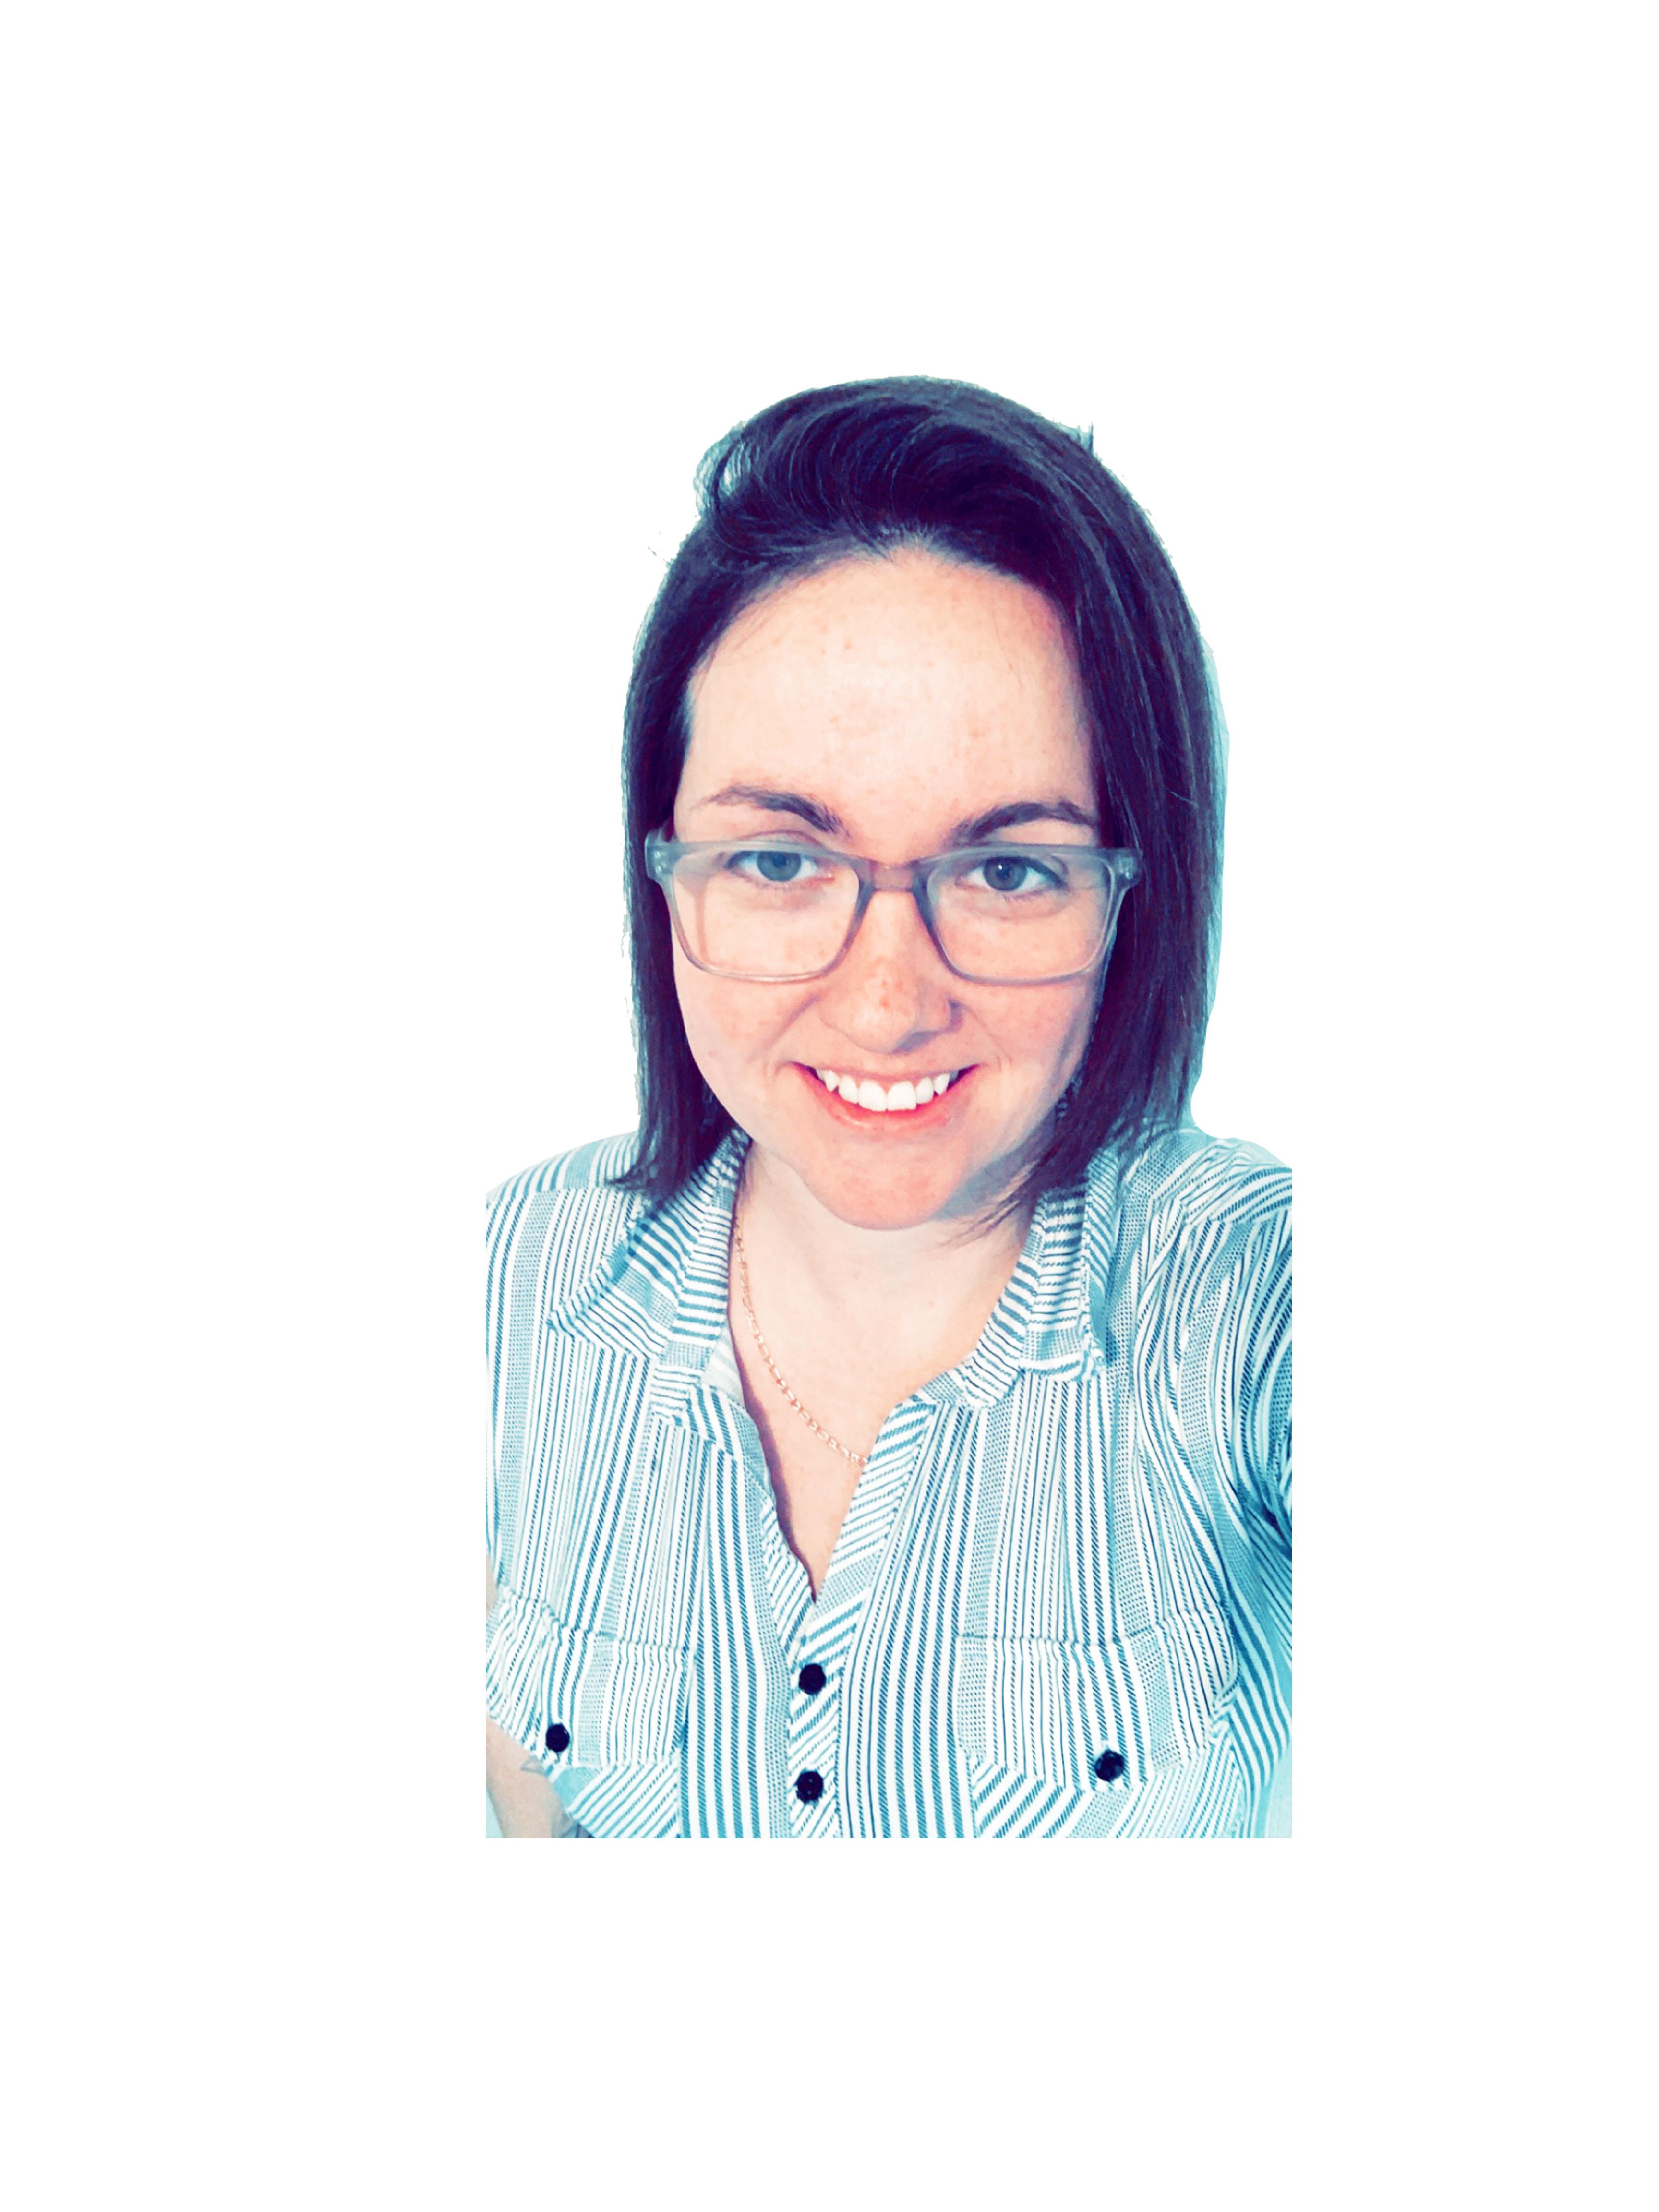 Shawna Bickford Headshot